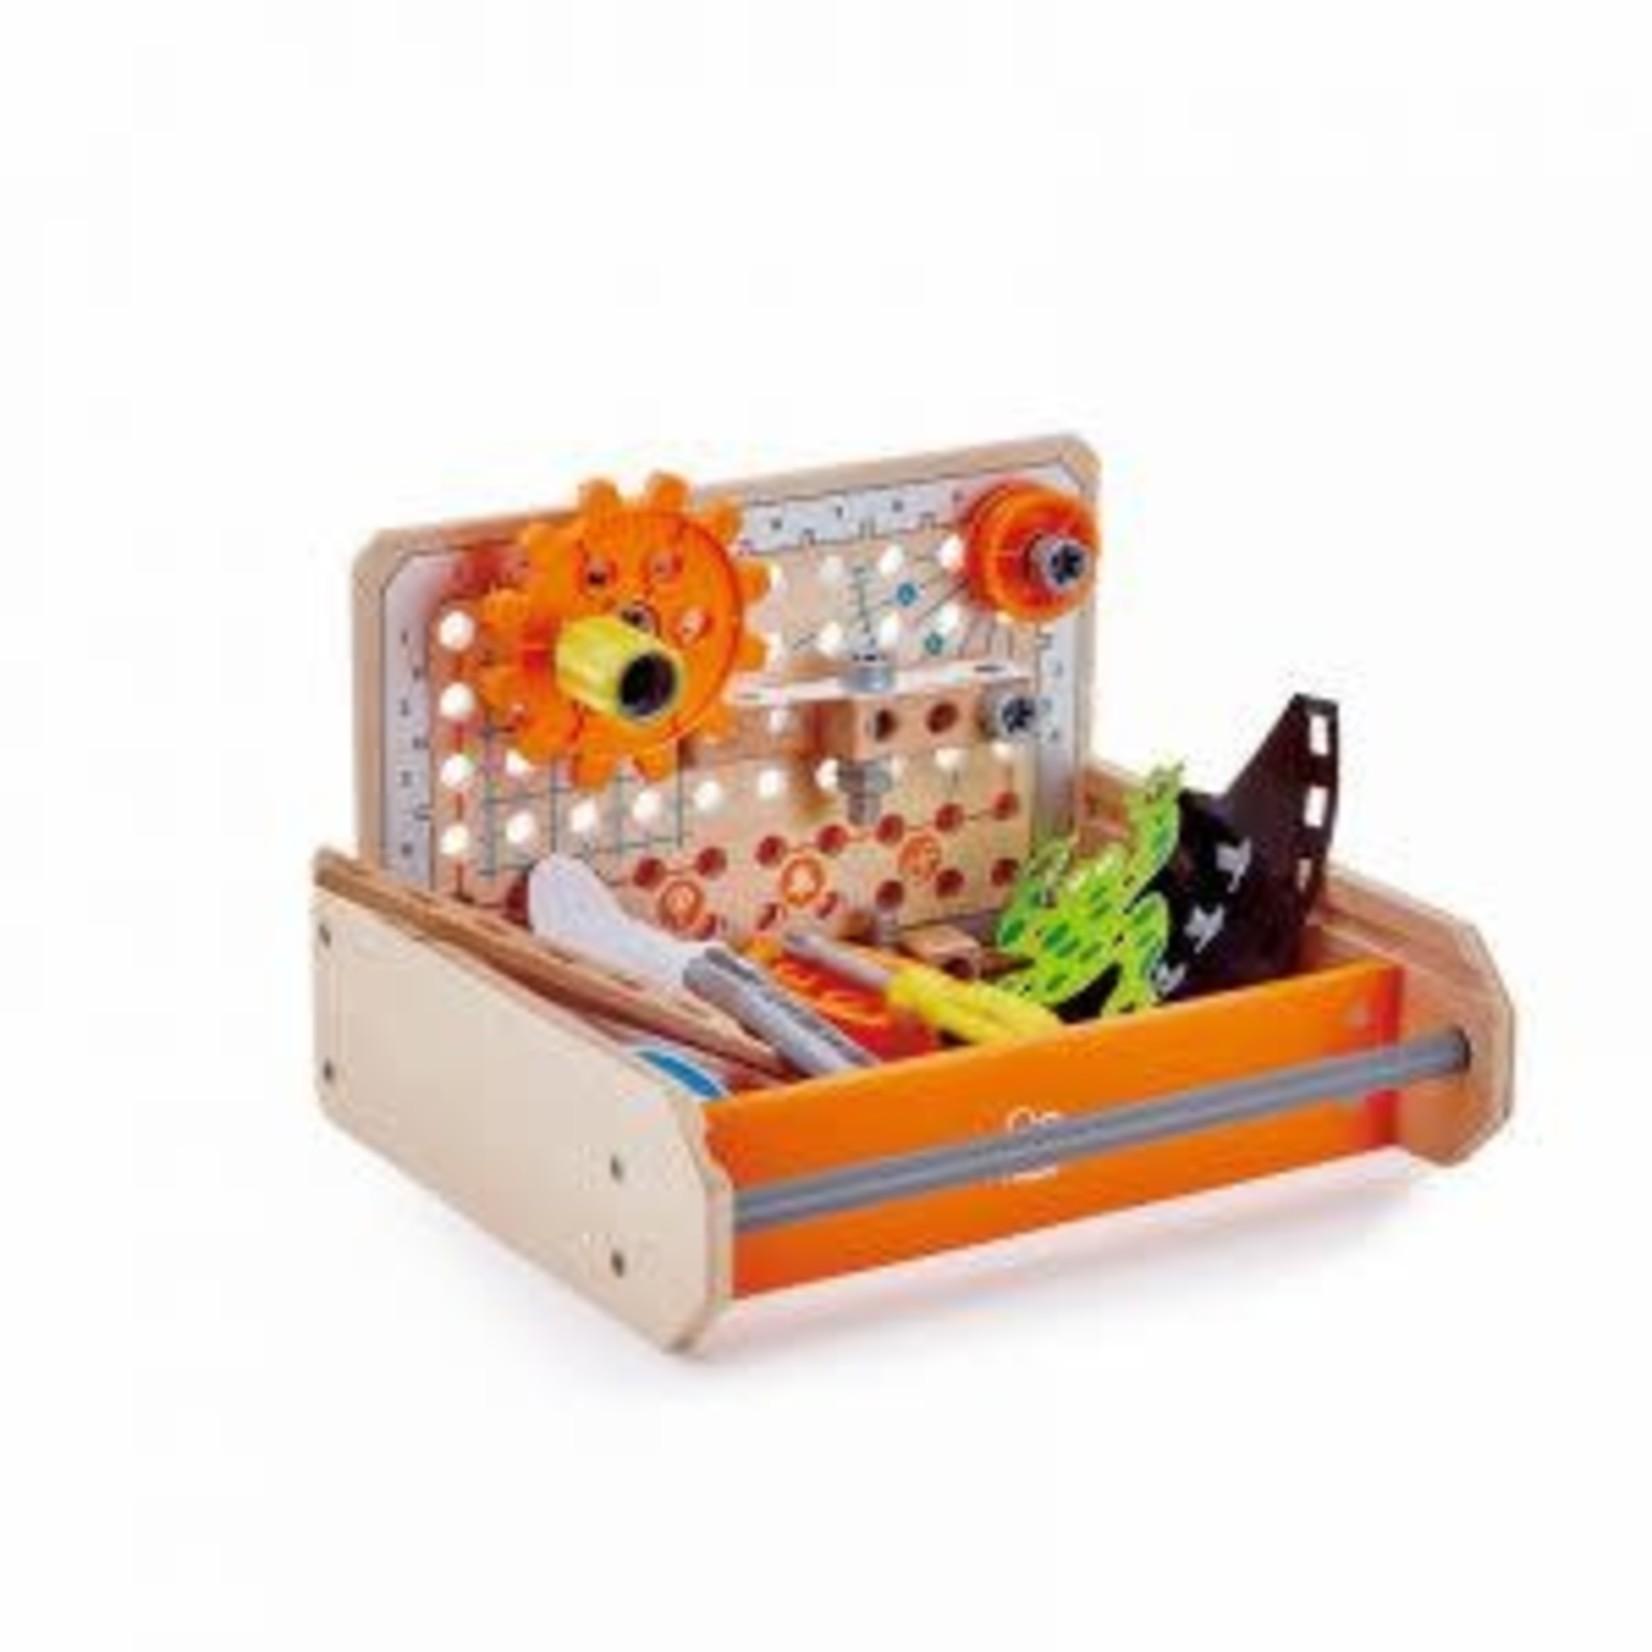 Hape Junior Inventor - Boite a outils